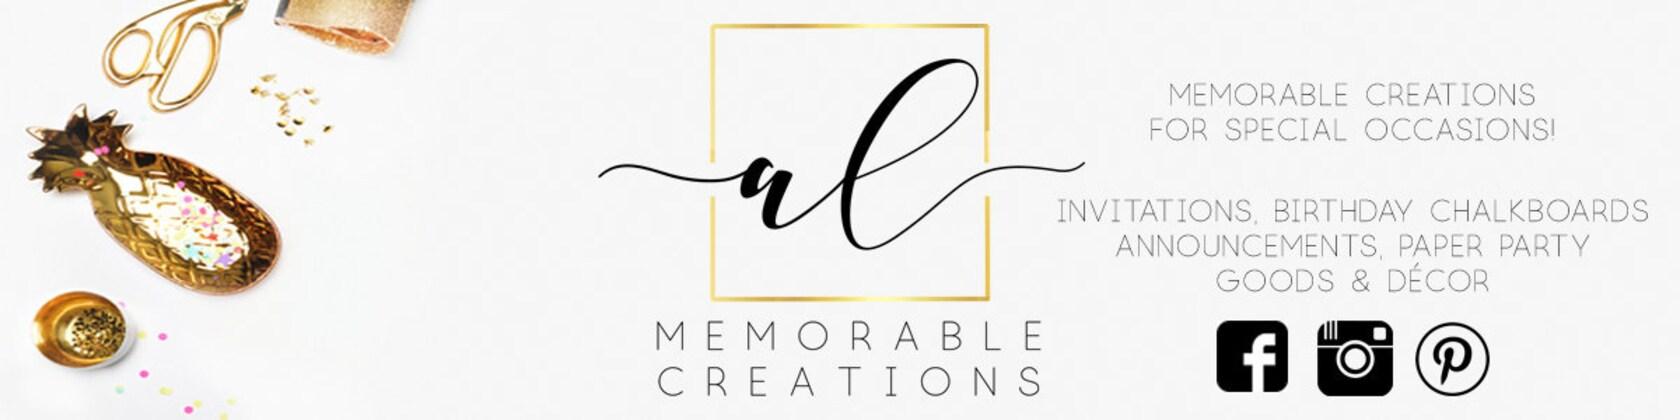 Memorable creations for special occasions von ALMemorableCreations